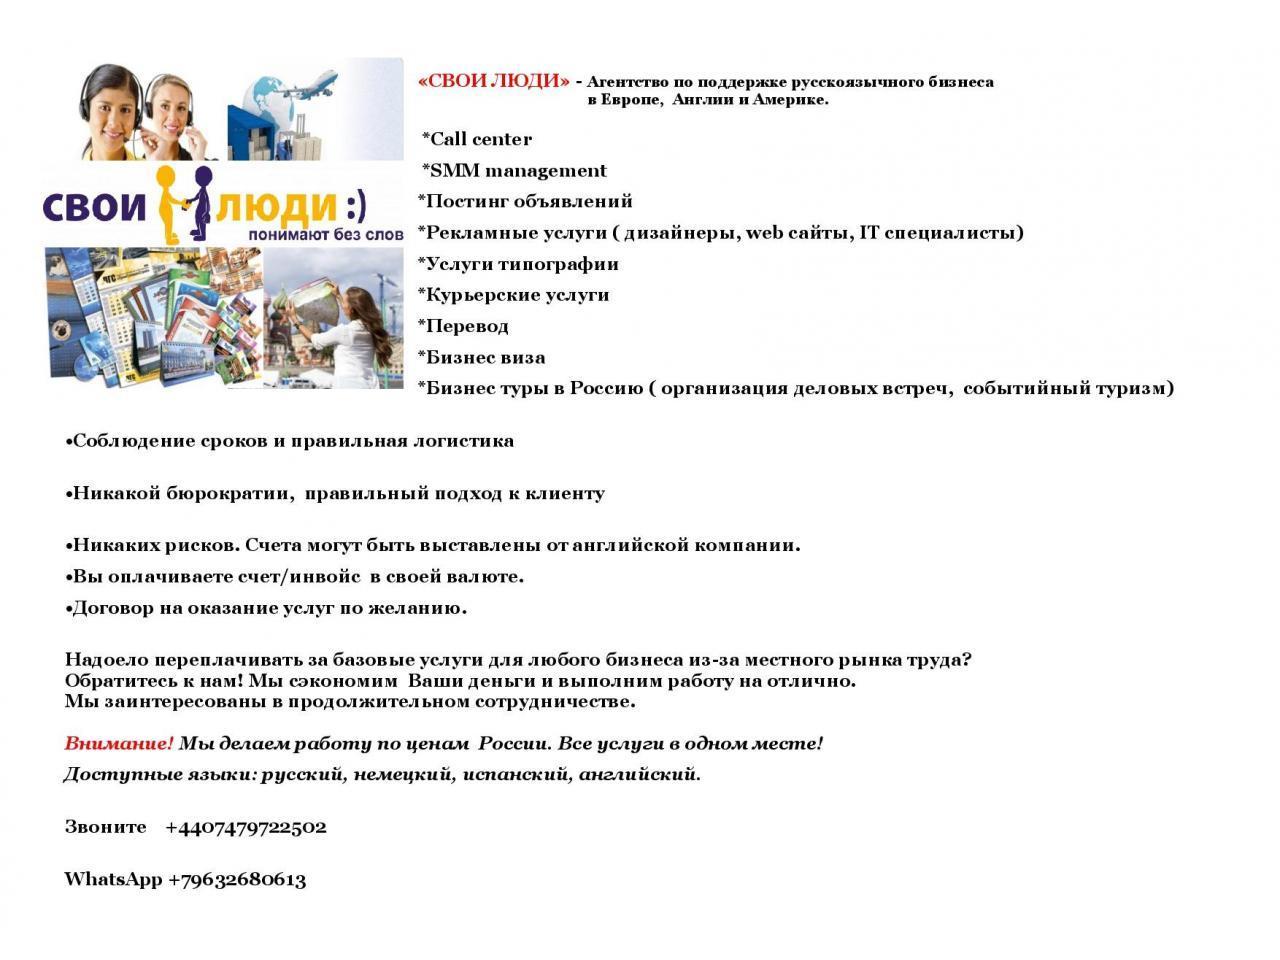 Развиваешь русскоязычный бизнес? Тогда тебе точно к нам! - 1